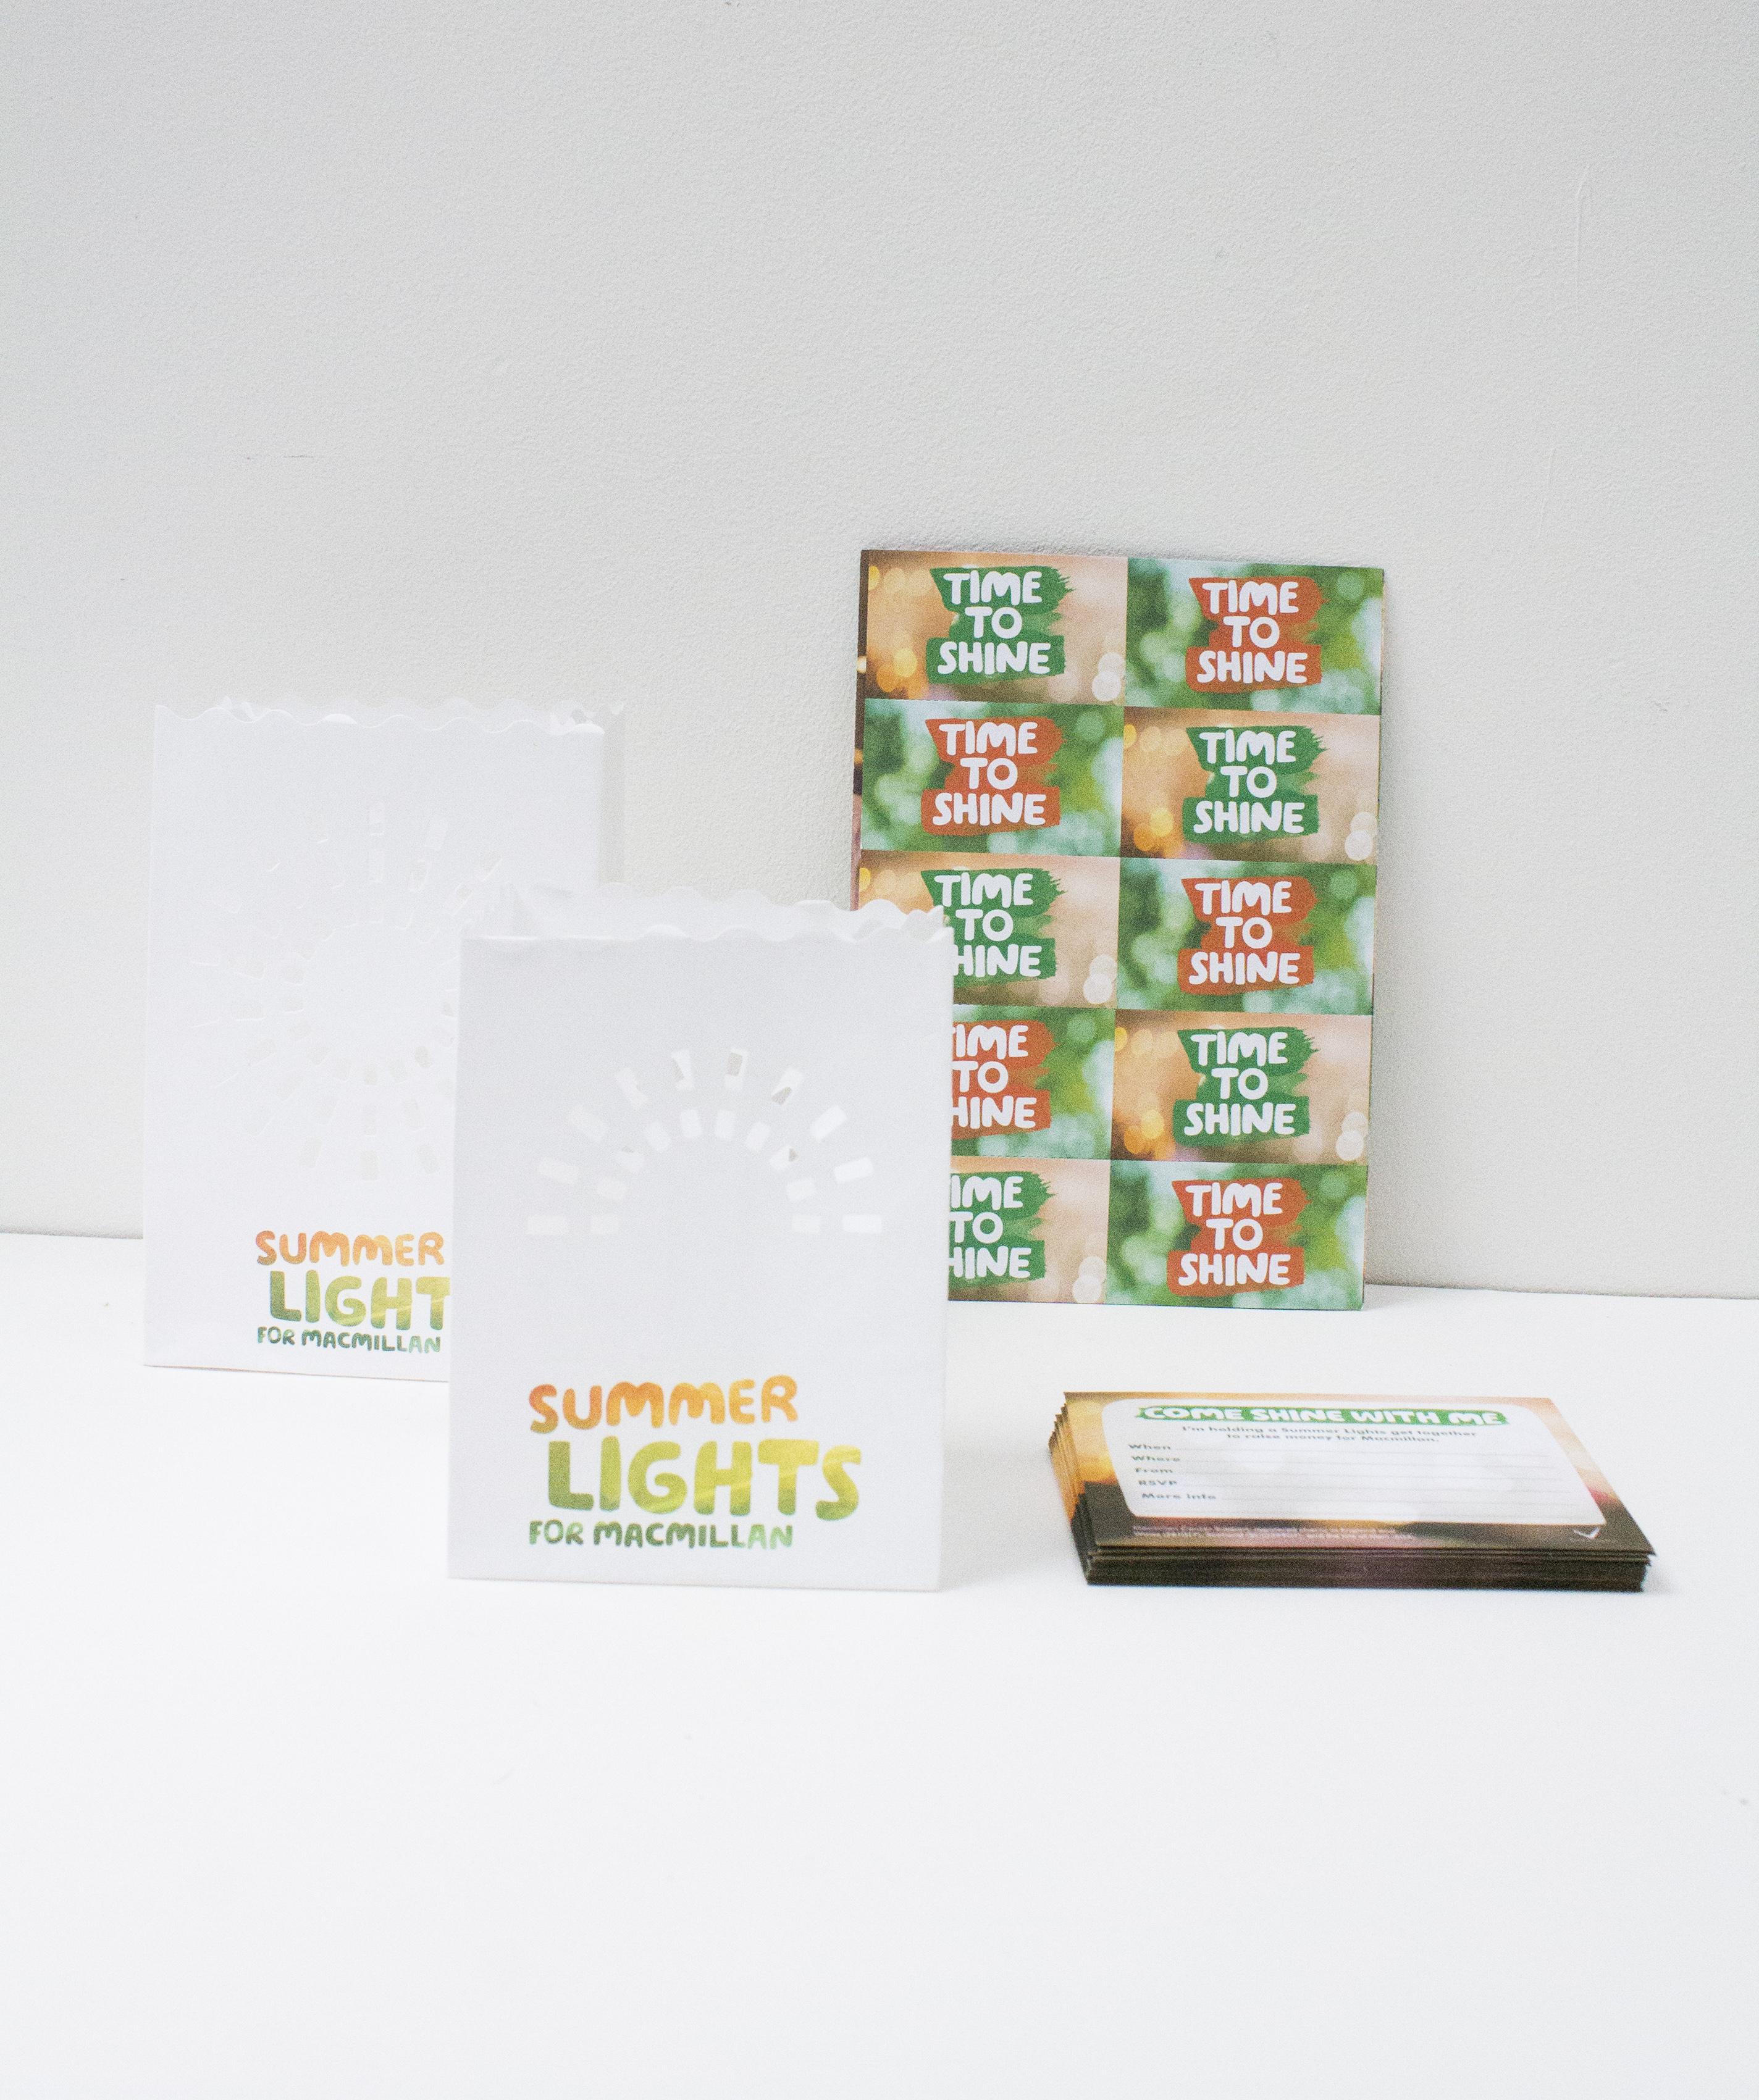 Macmillan-summer-lights-photo-by-Little-Big-Bell